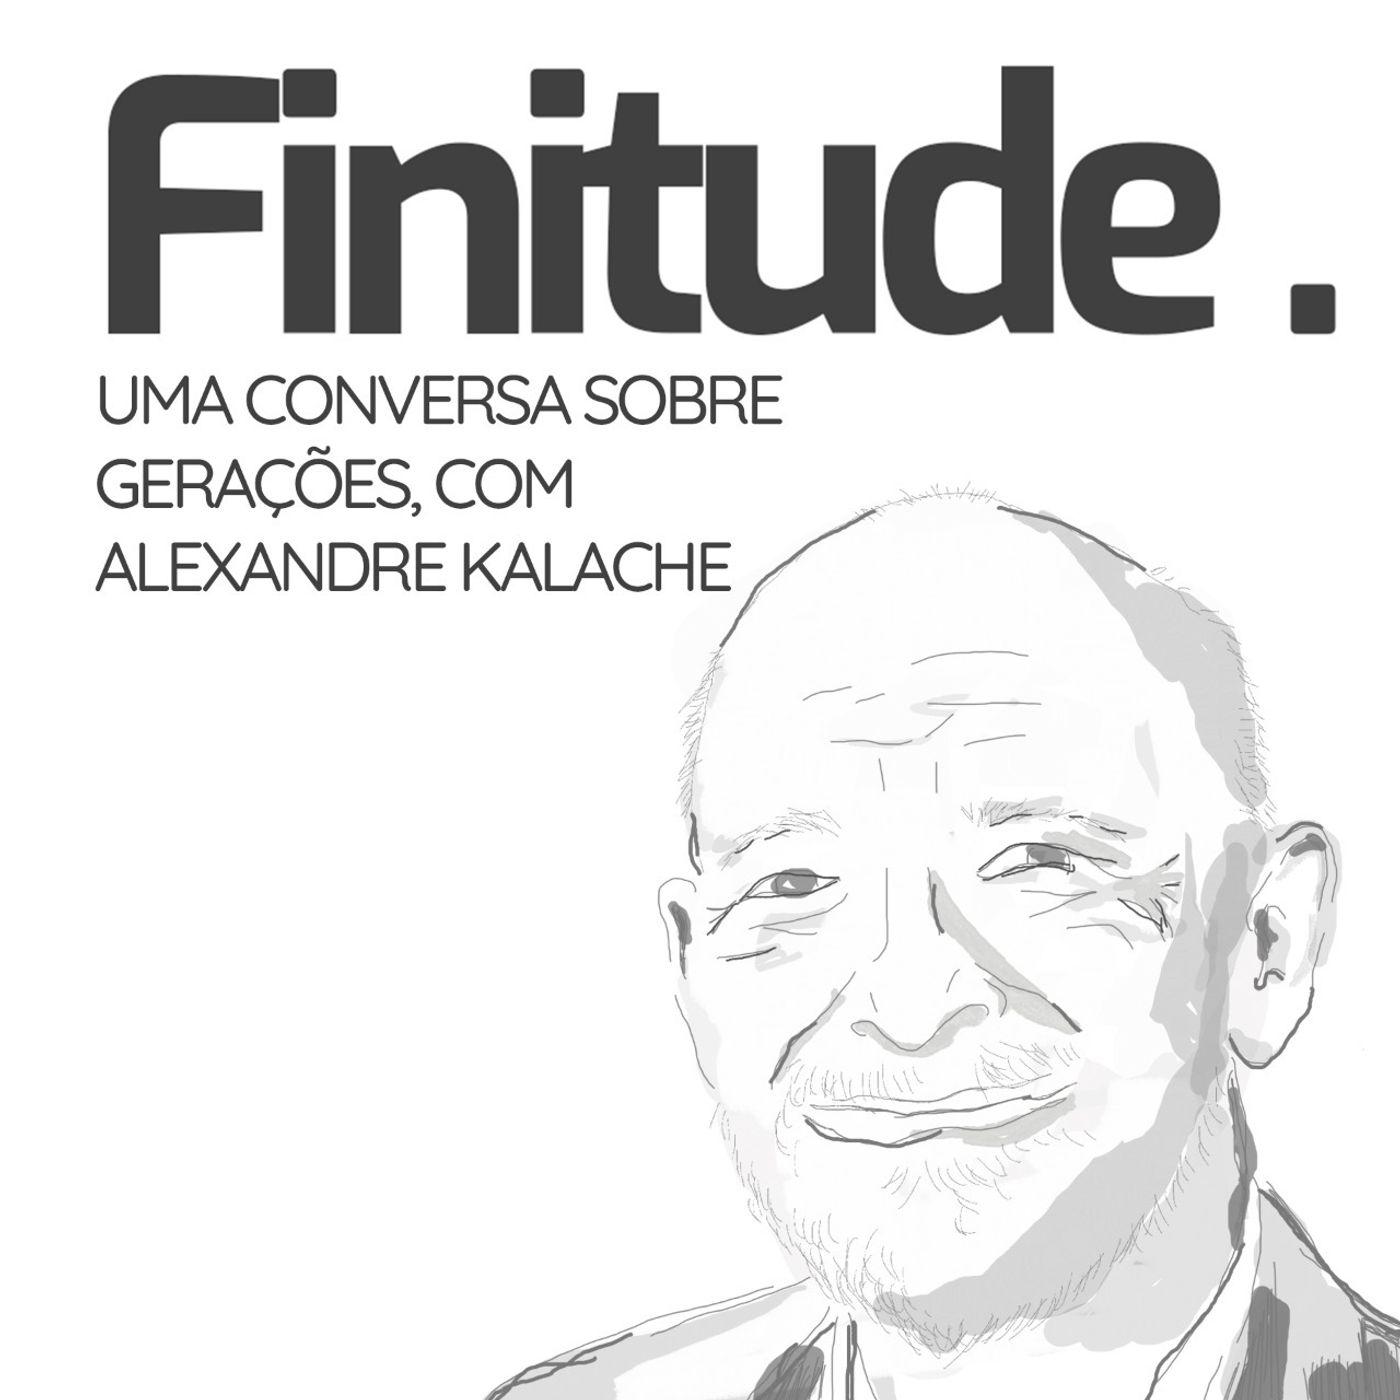 Uma conversa sobre gerações, com Alexandre Kalache